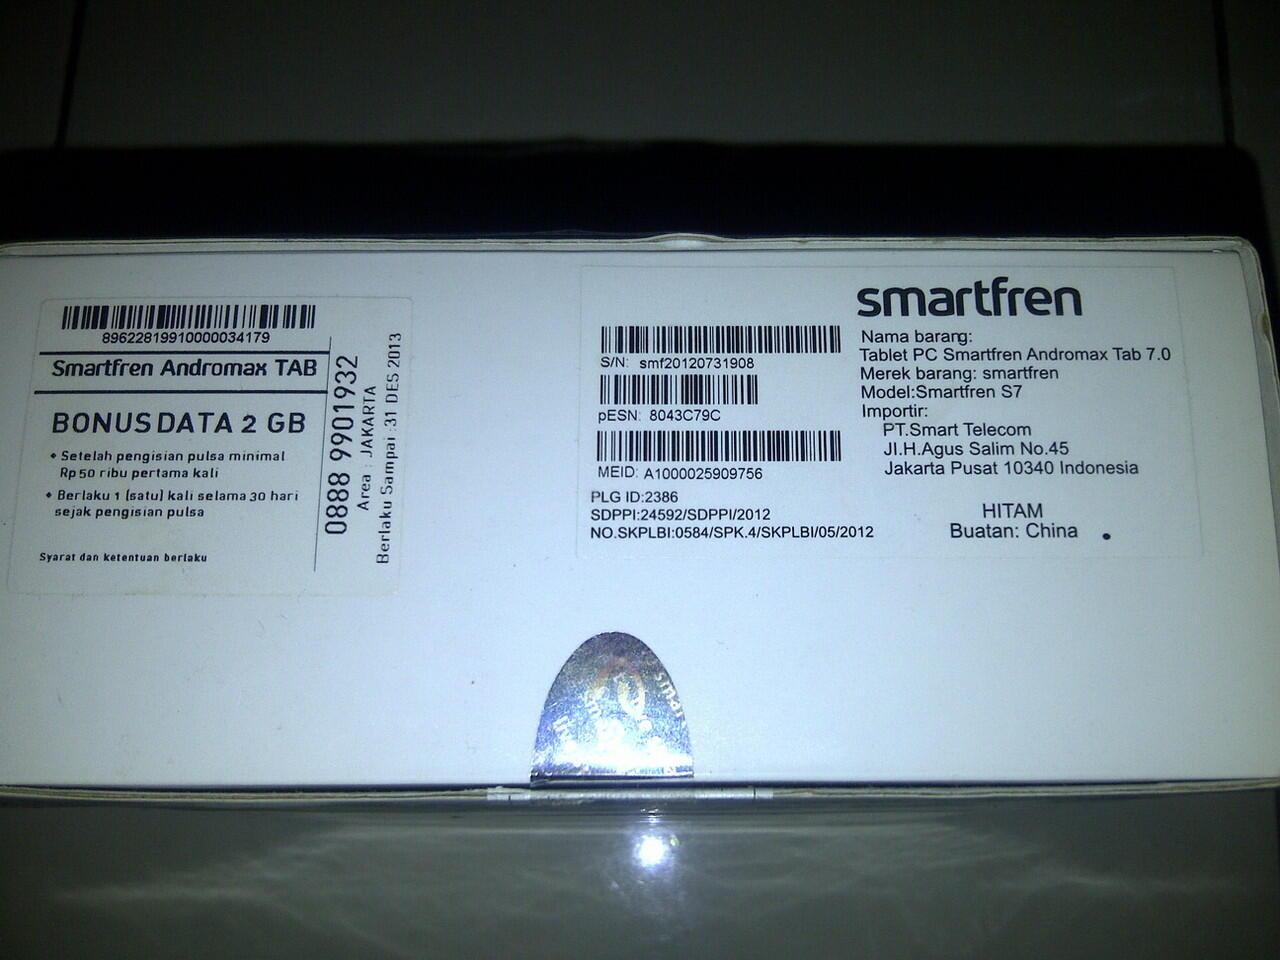 Smartfren Andromax Tab 7.0 Second